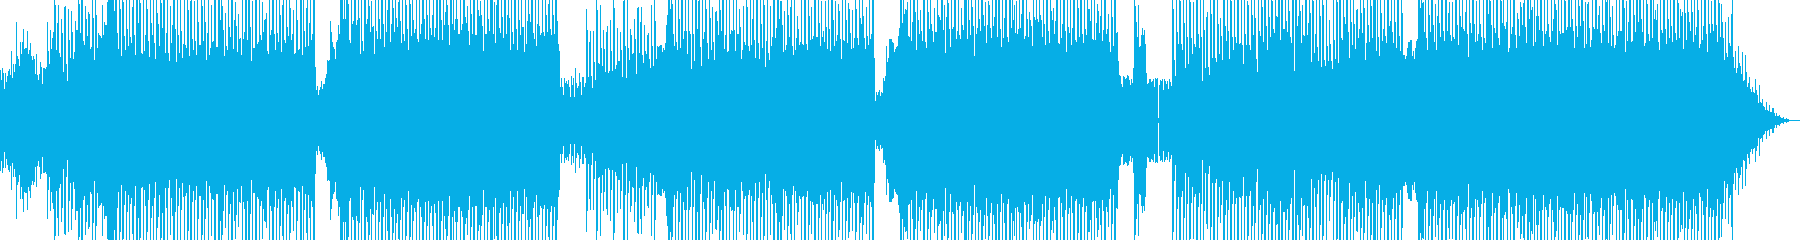 かわいらしいEDMの再生済みの波形